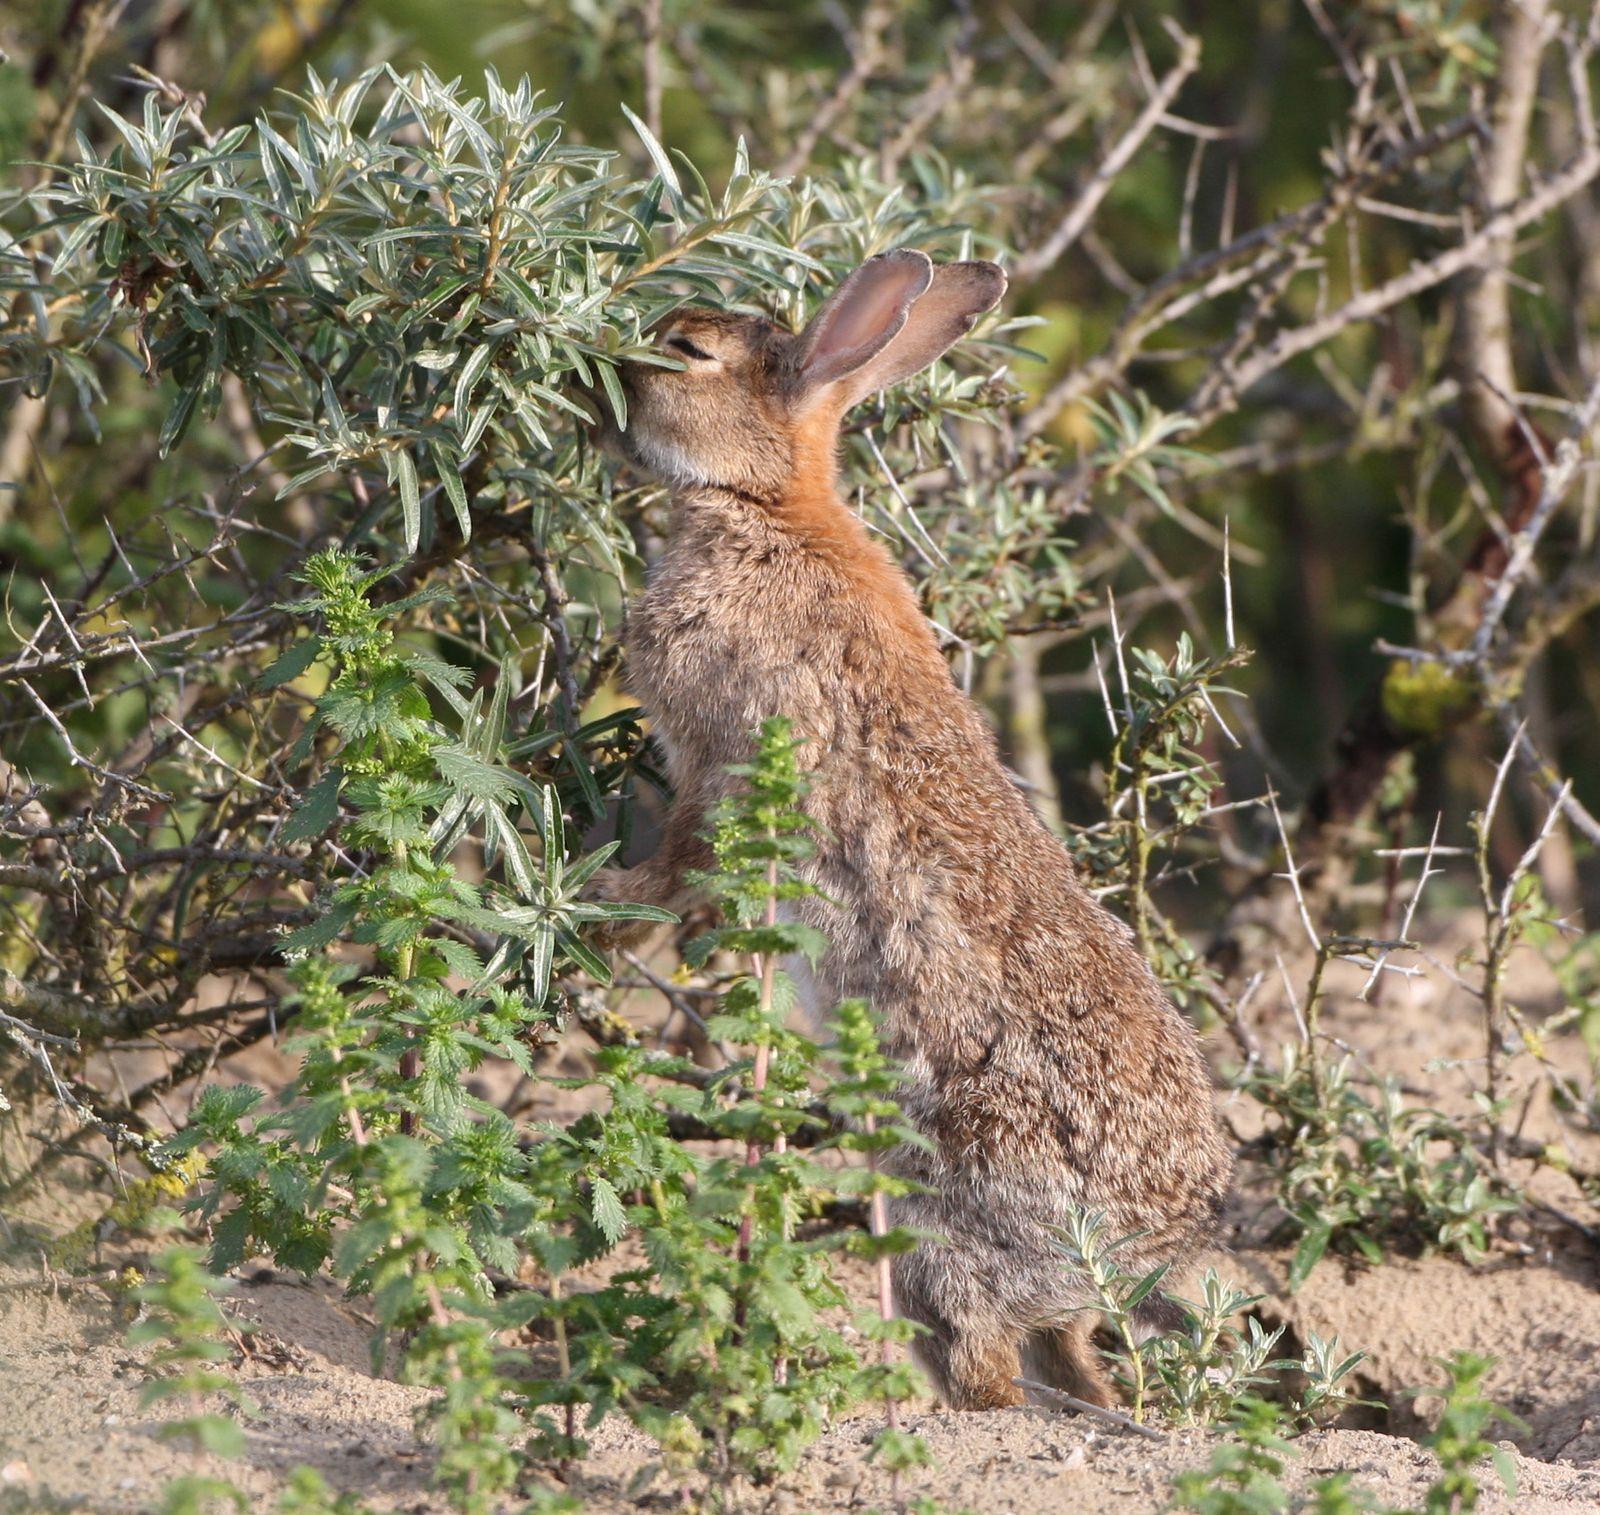 Lapin de garenne qui s'alimente côte picarde photo de faune sauvage de Picardie-Benoit Henrion